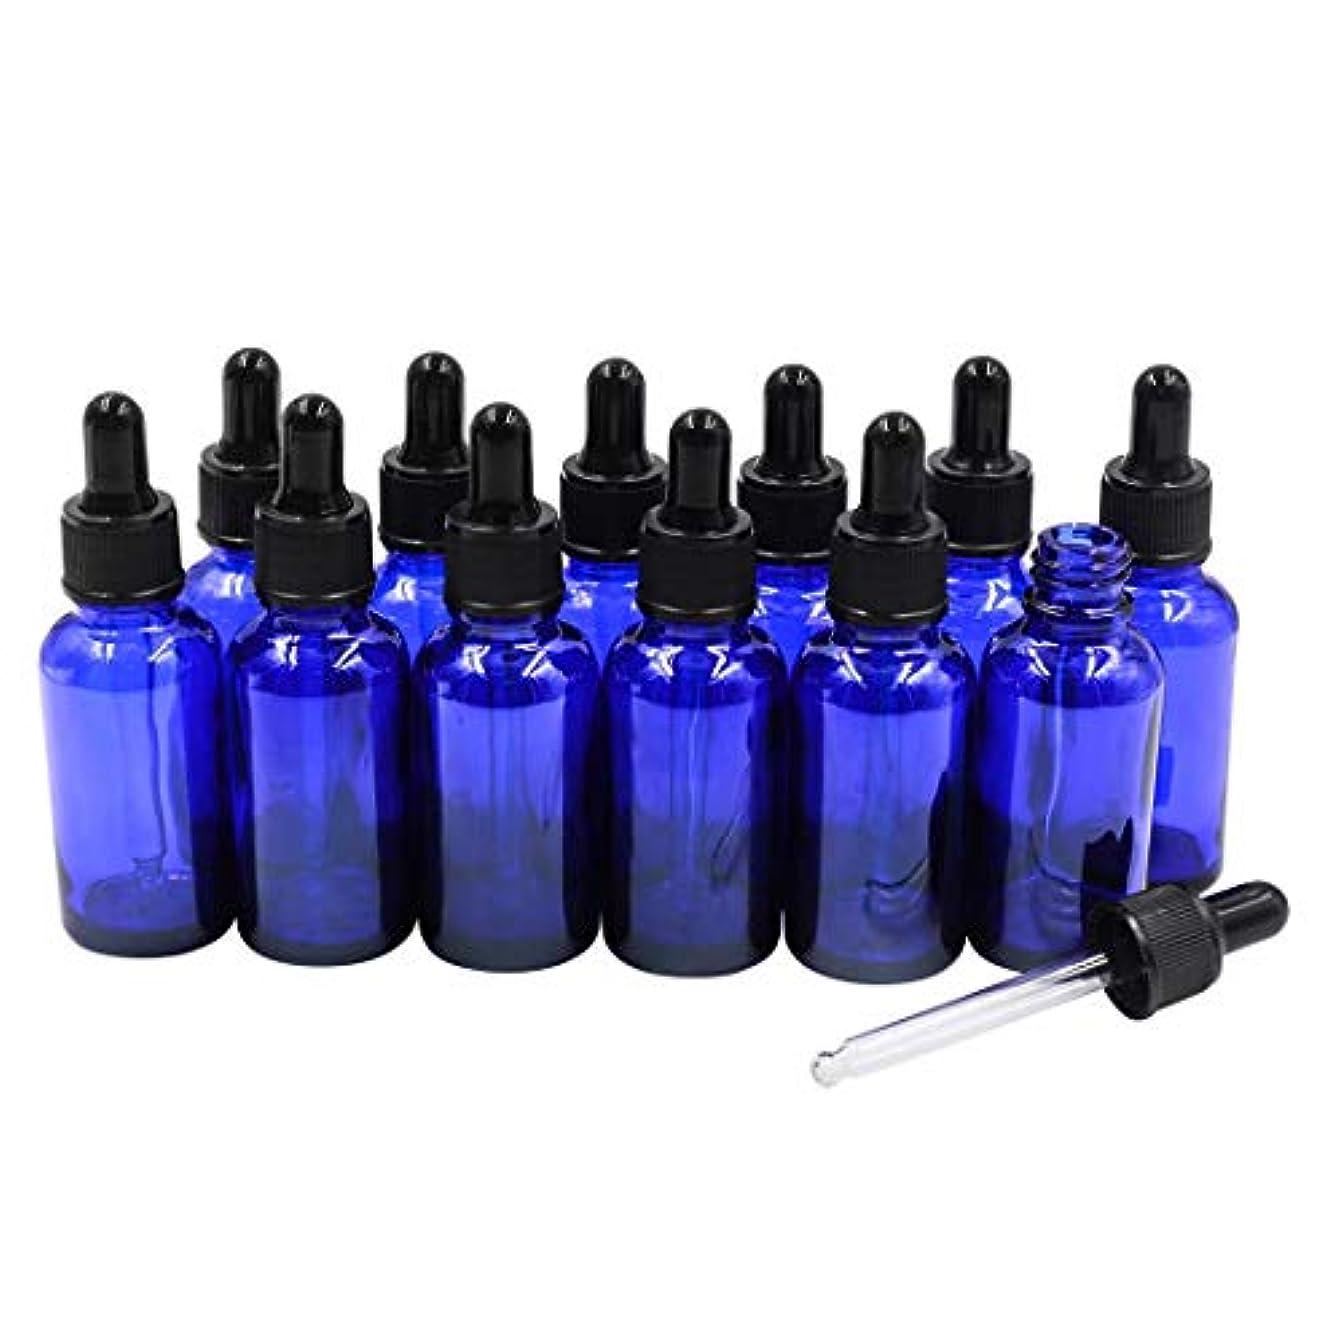 暴徒フェンス傾向12本セット ブルースポイト遮光瓶 アロマオイル 精油 香水やアロマの保存 小分け用 遮光瓶